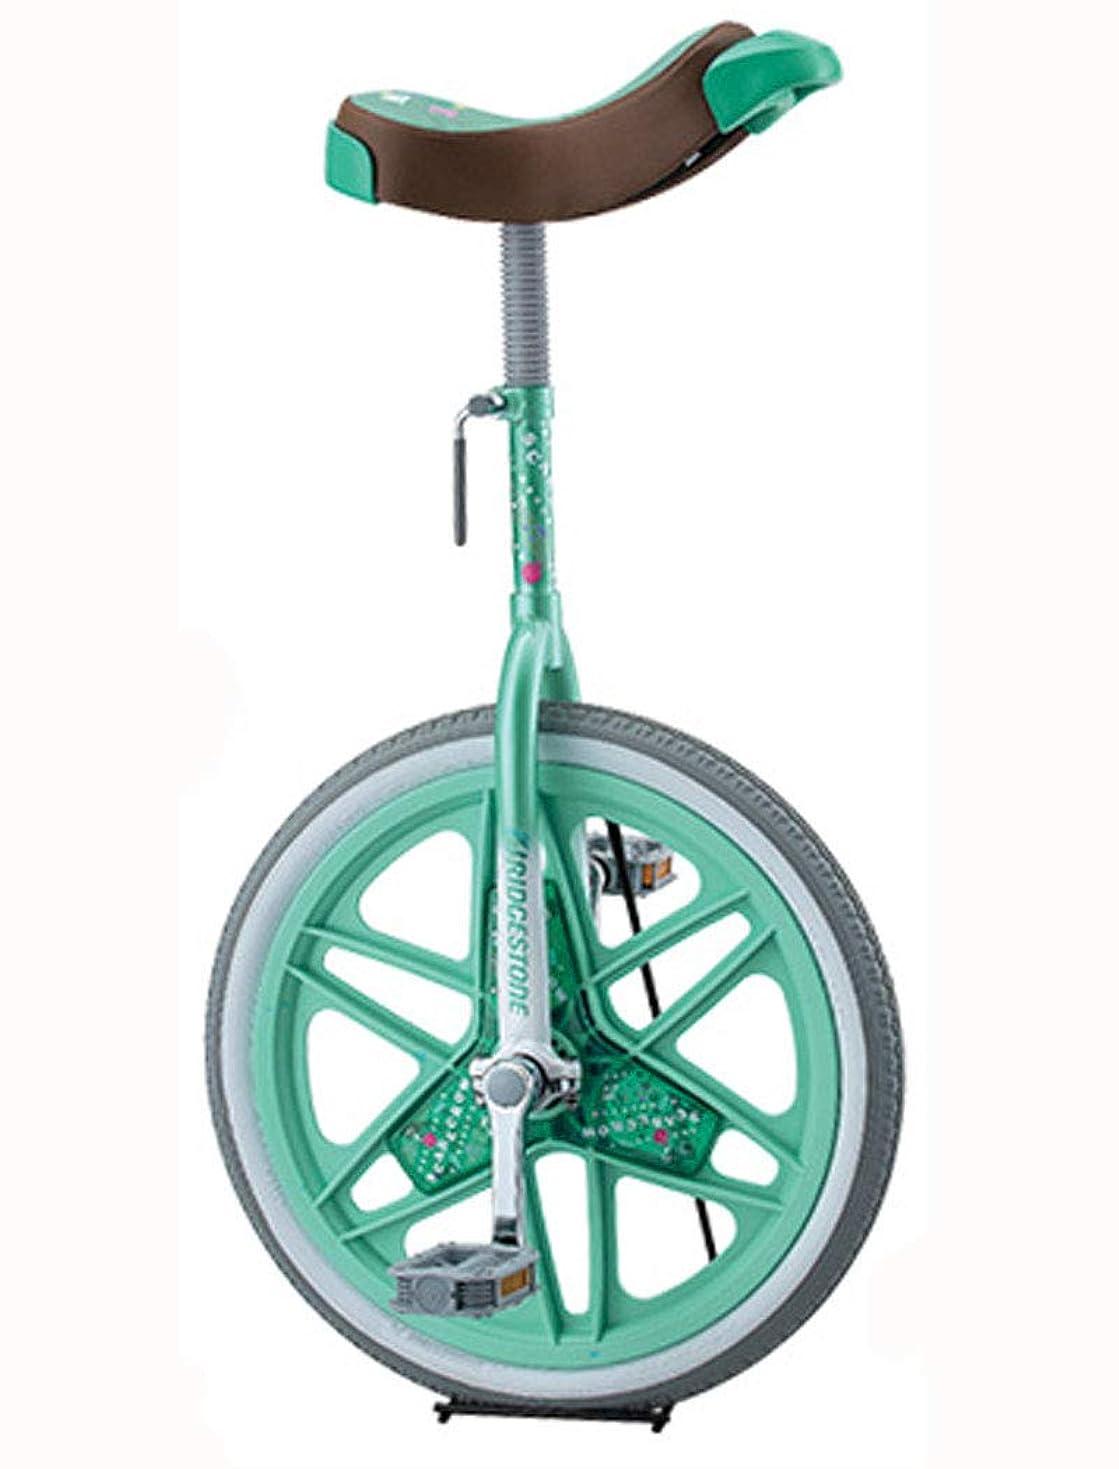 不定彼女のしばしばBRIDGESTONE(ブリヂストン) スケアクロウ 一輪車(スタンド付) 18インチ(SCW18) [グリーン(GE)]